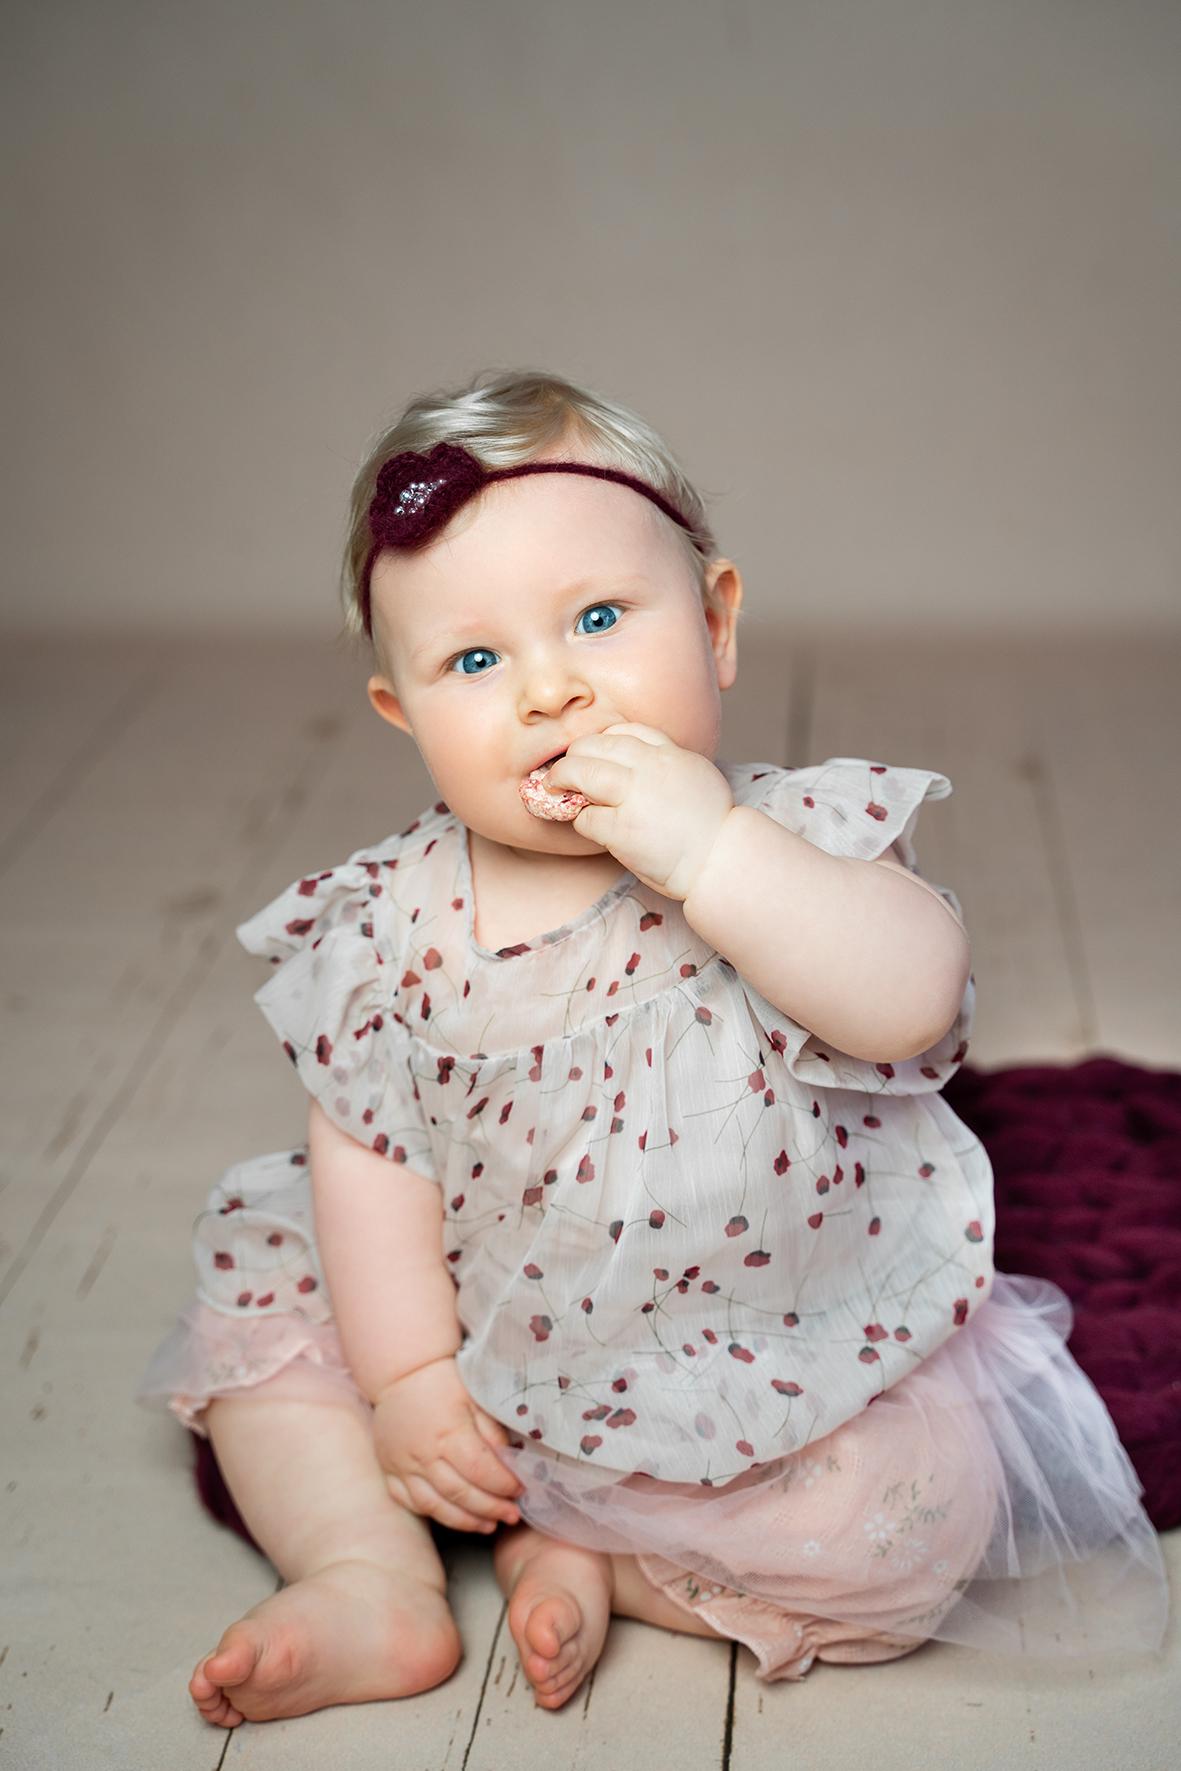 Fotograf Oldenburg für Babyshootings und Neugeborene Familienfotos vom Profi